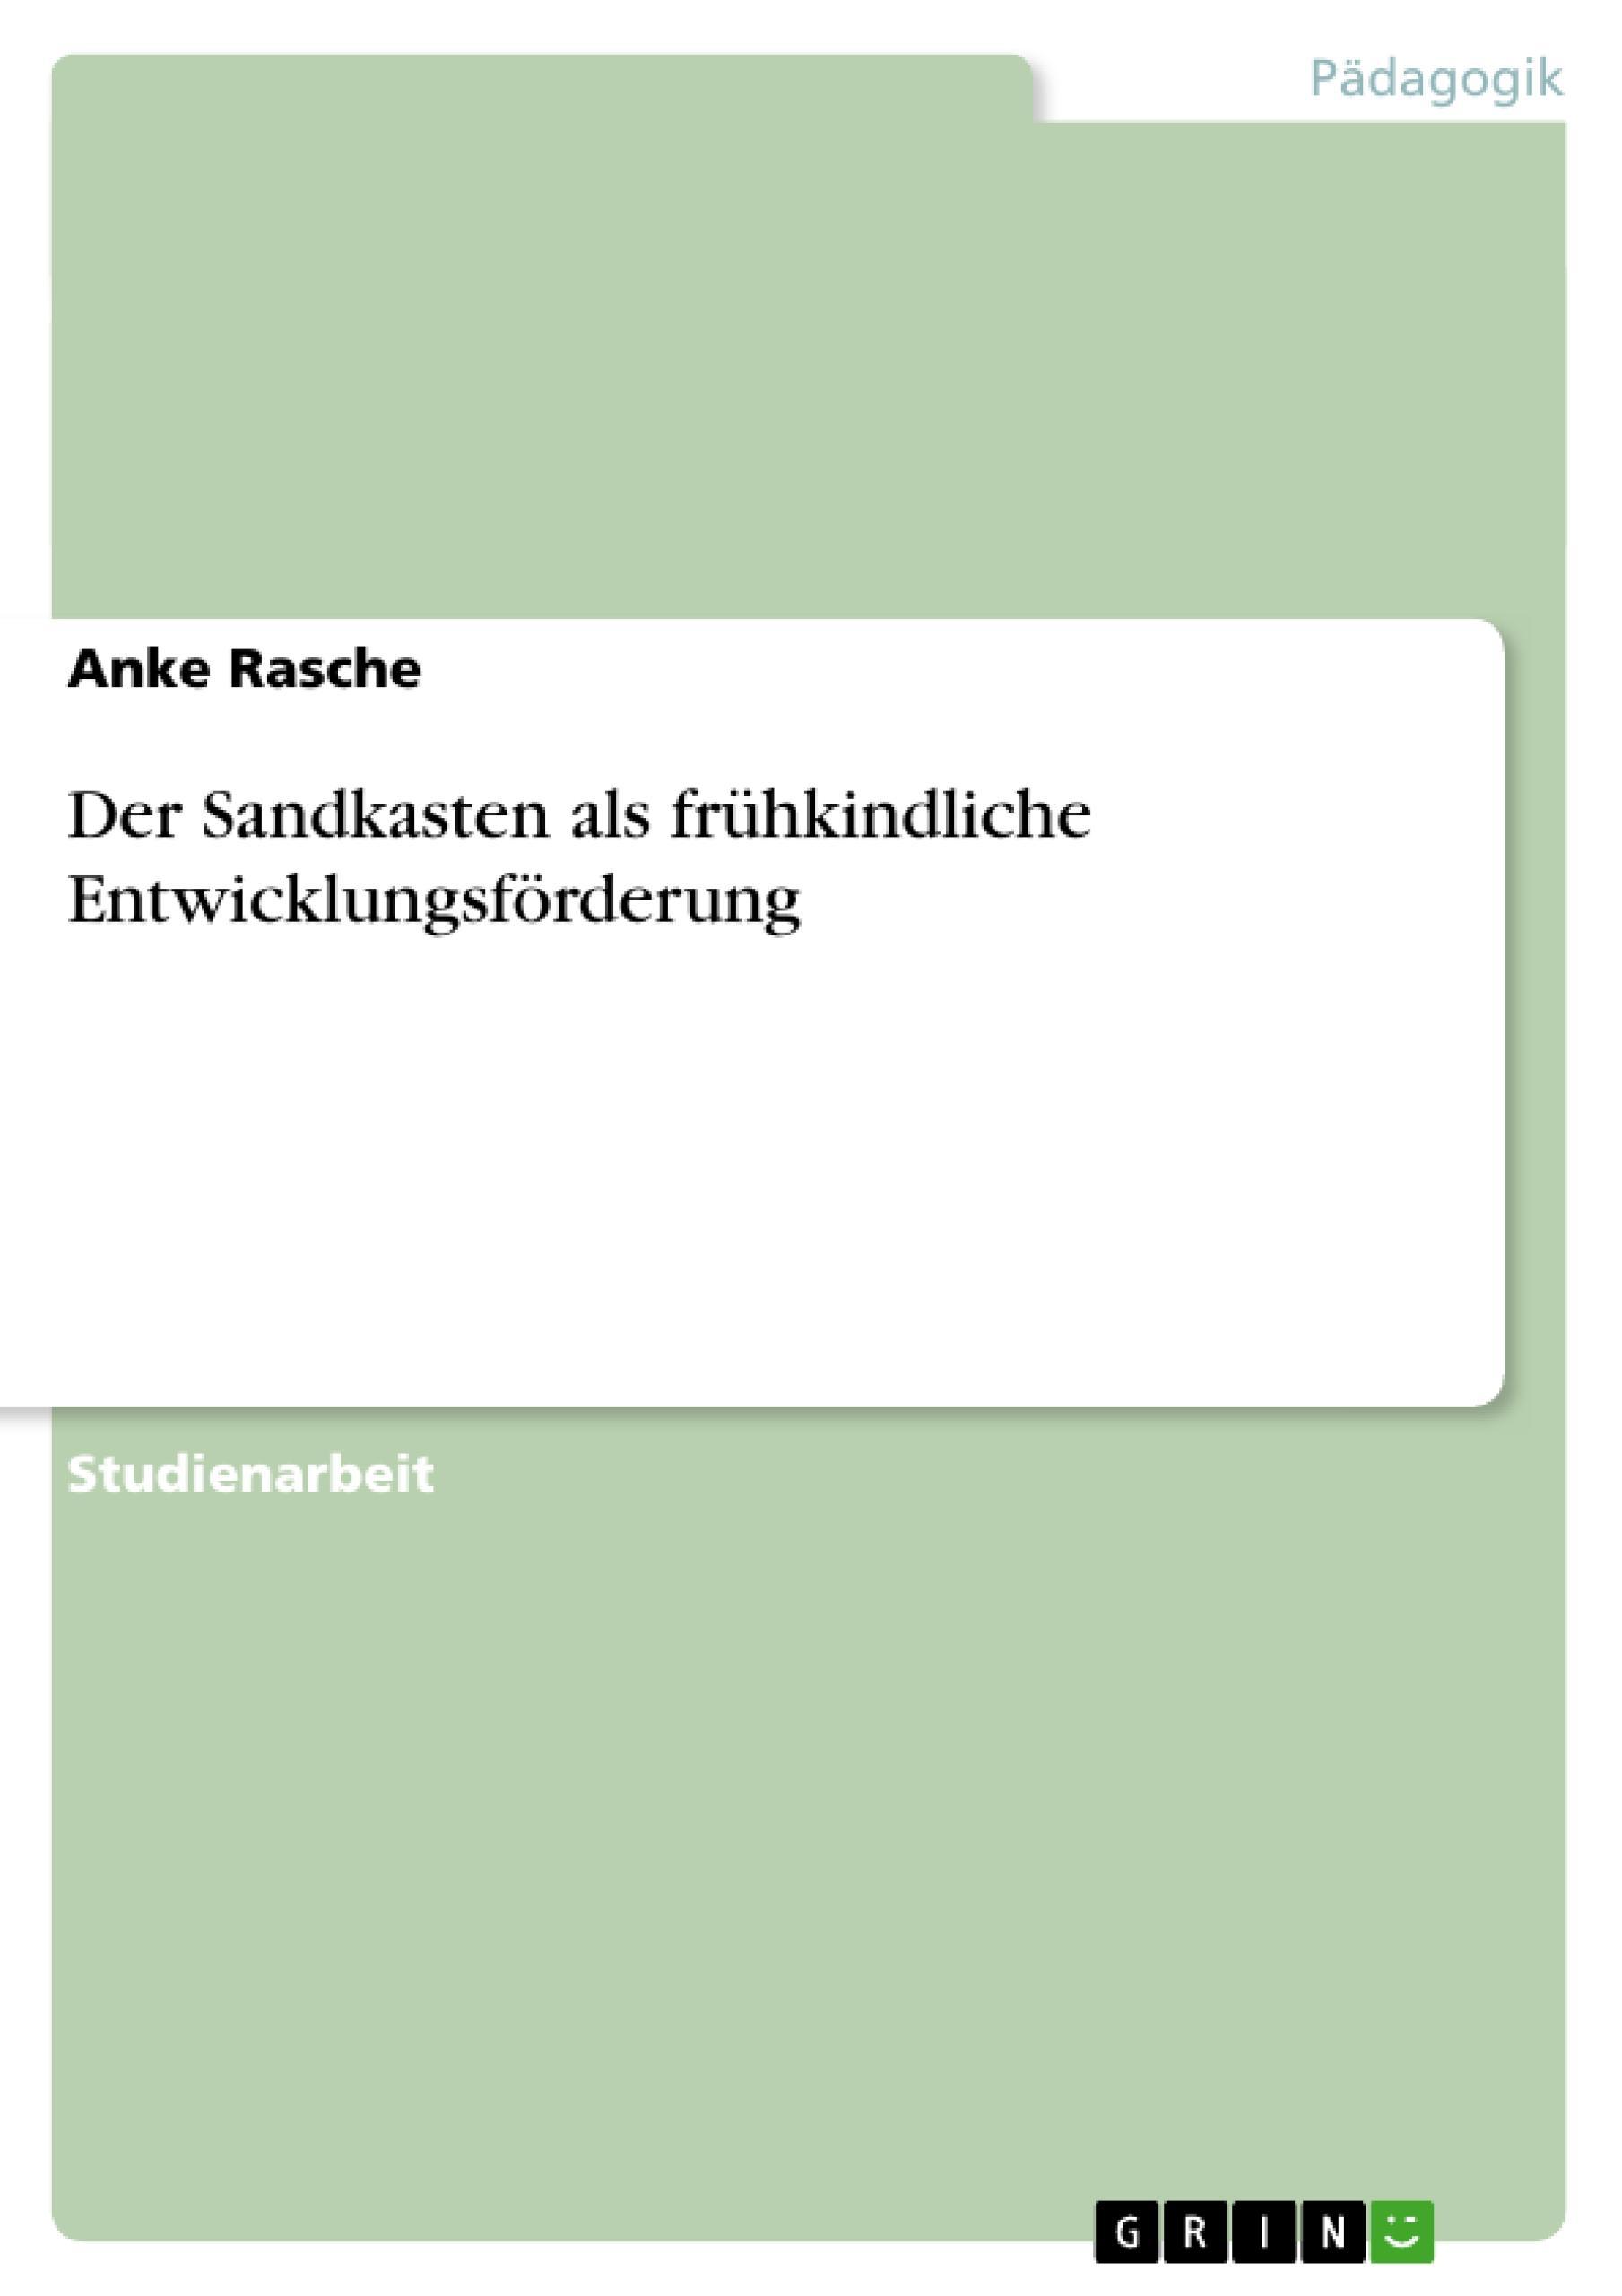 Der Sandkasten als frühkindliche Entwicklungsförderung  Anke Rasche  Broschüre  Deutsch  2013 - Rasche, Anke